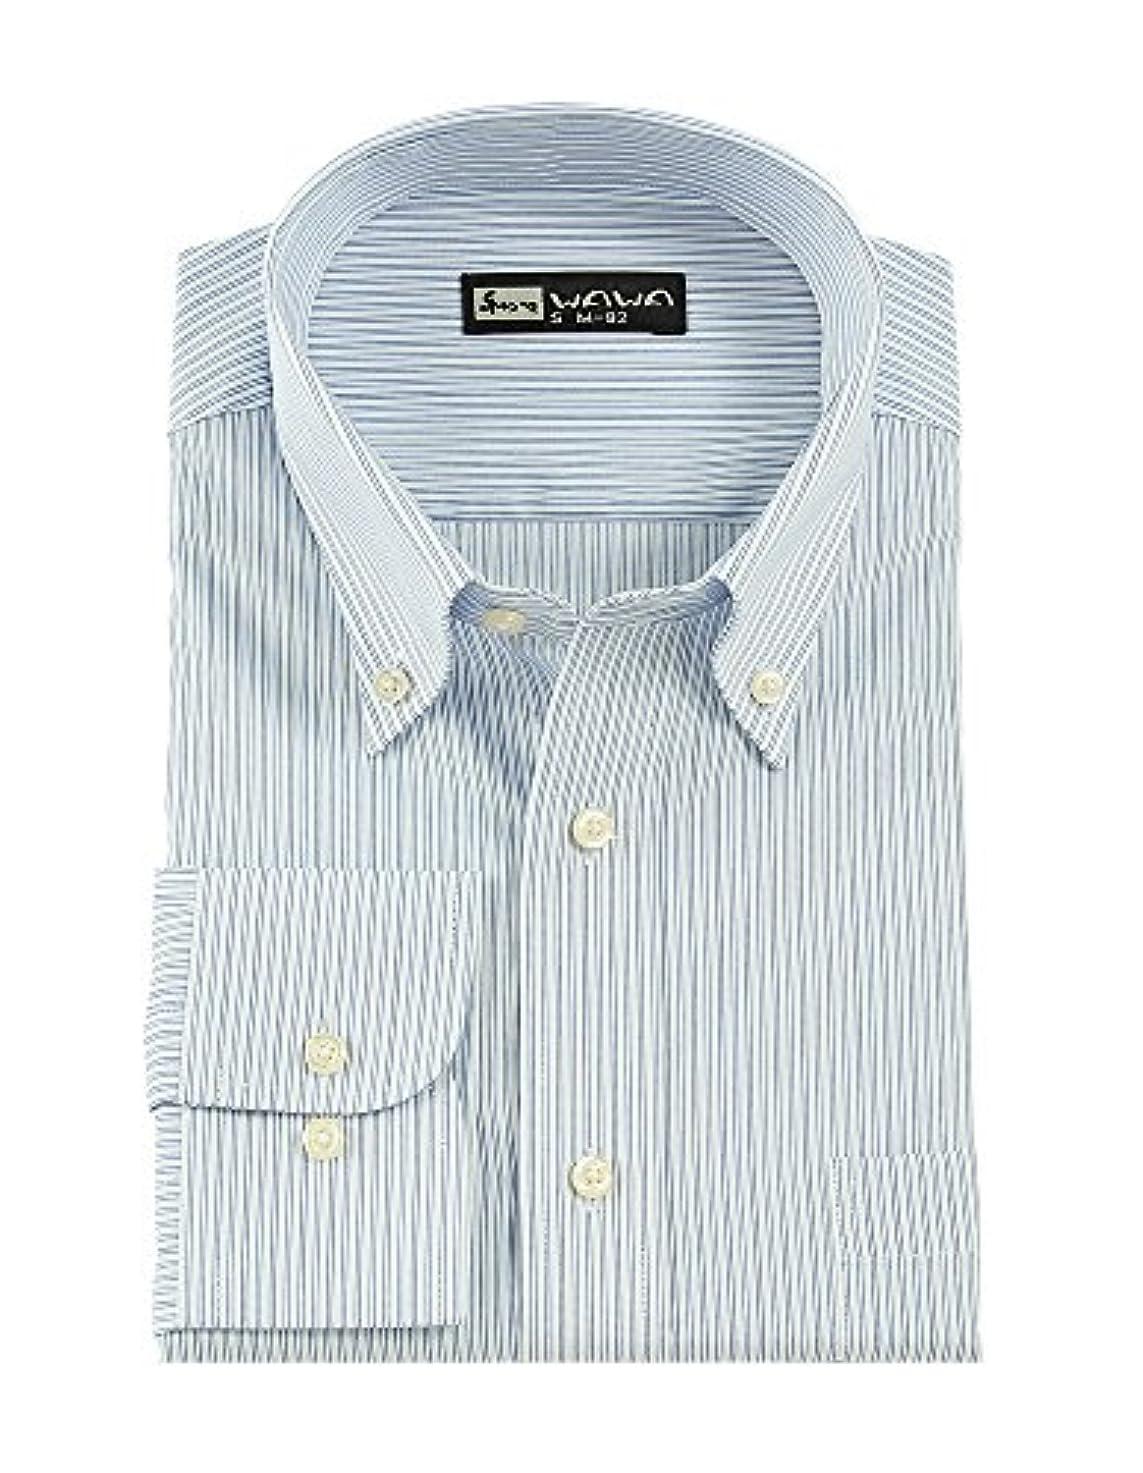 敬意立派な扇動(ワワジャパン)WAWAJAPAN 12種類から選べる綿100%メンズワイシャツ Cシリーズ (M82(ジャパンフィット), C-705)